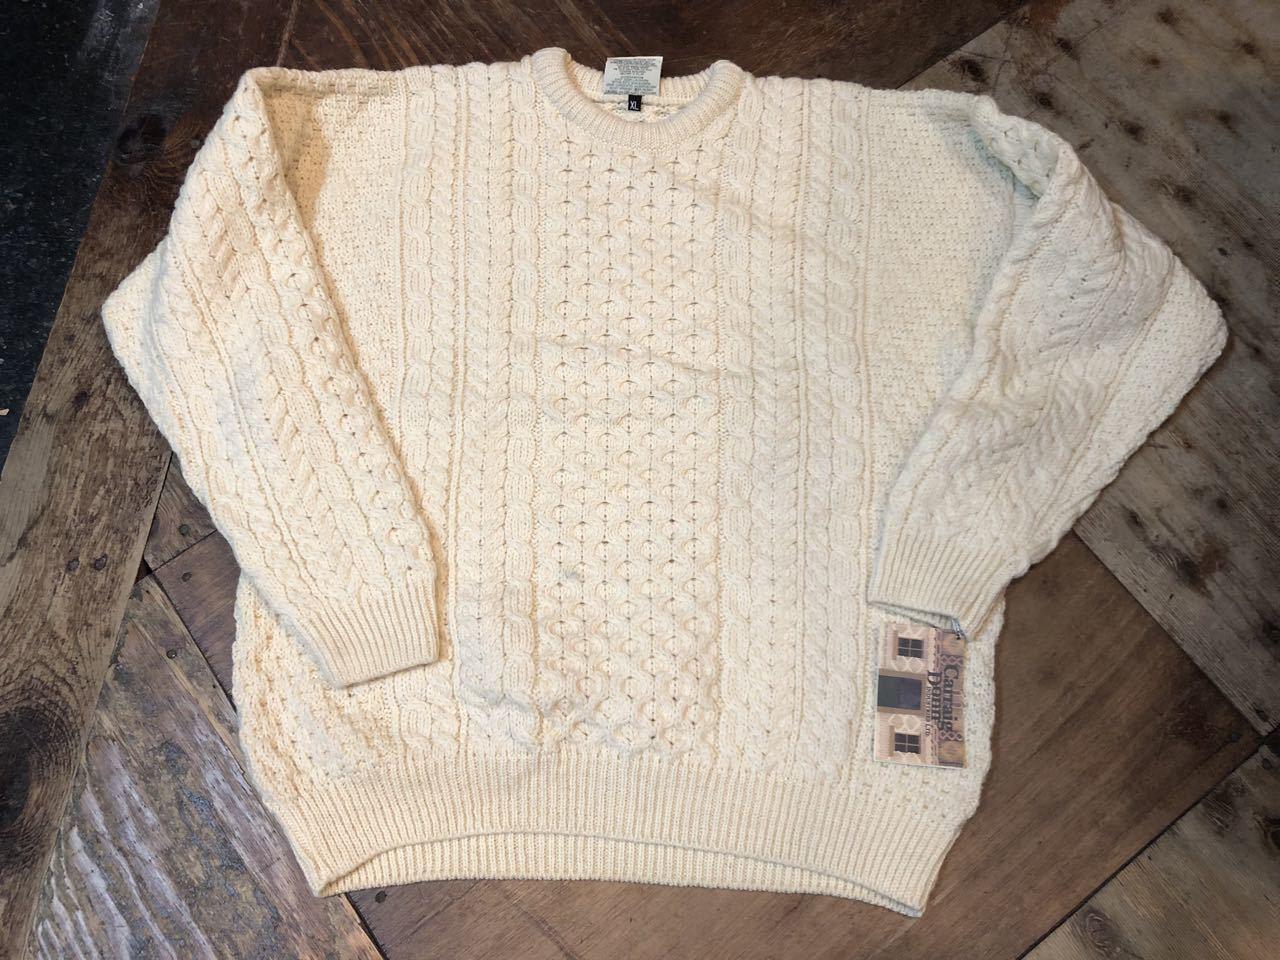 12月7日(土)入荷!デッドストック MADE IN IRELAND ARAN セーター(フィッシャーマンズセーター)など色々入荷!_c0144020_13544105.jpg